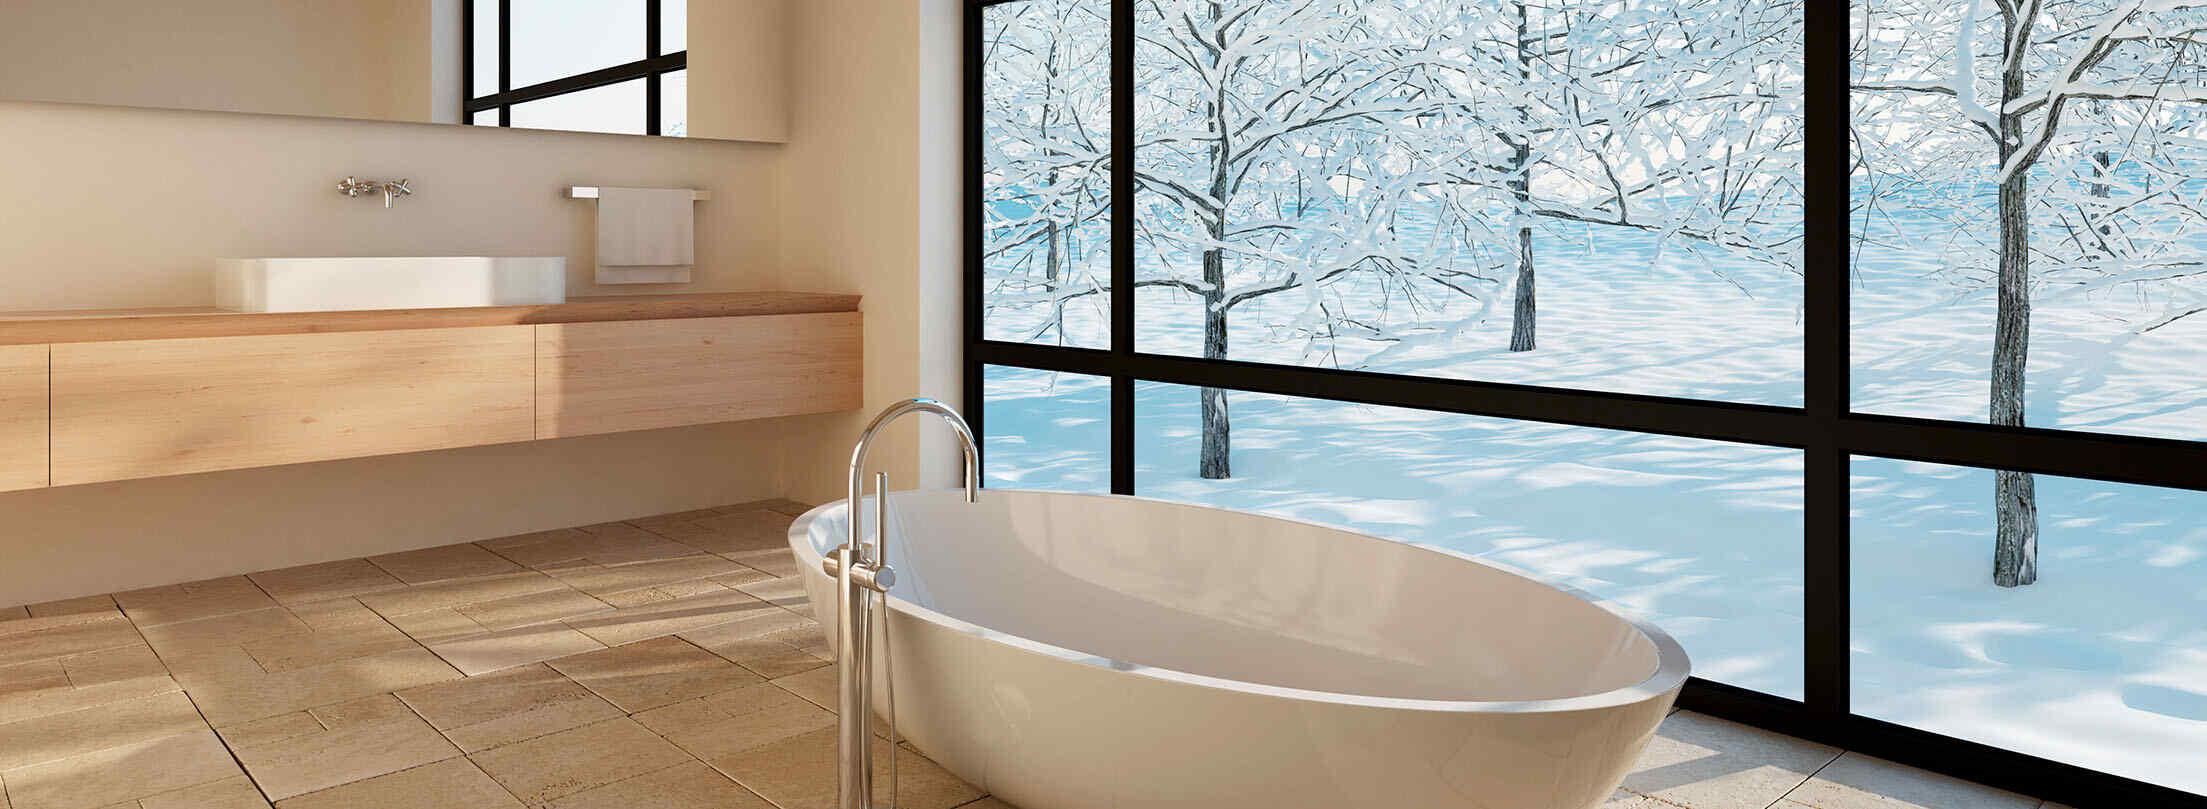 Moderne häuser innen bad  Badezimmer | Individuell geplant | VARIO-HAUS Fertigteilhäuser